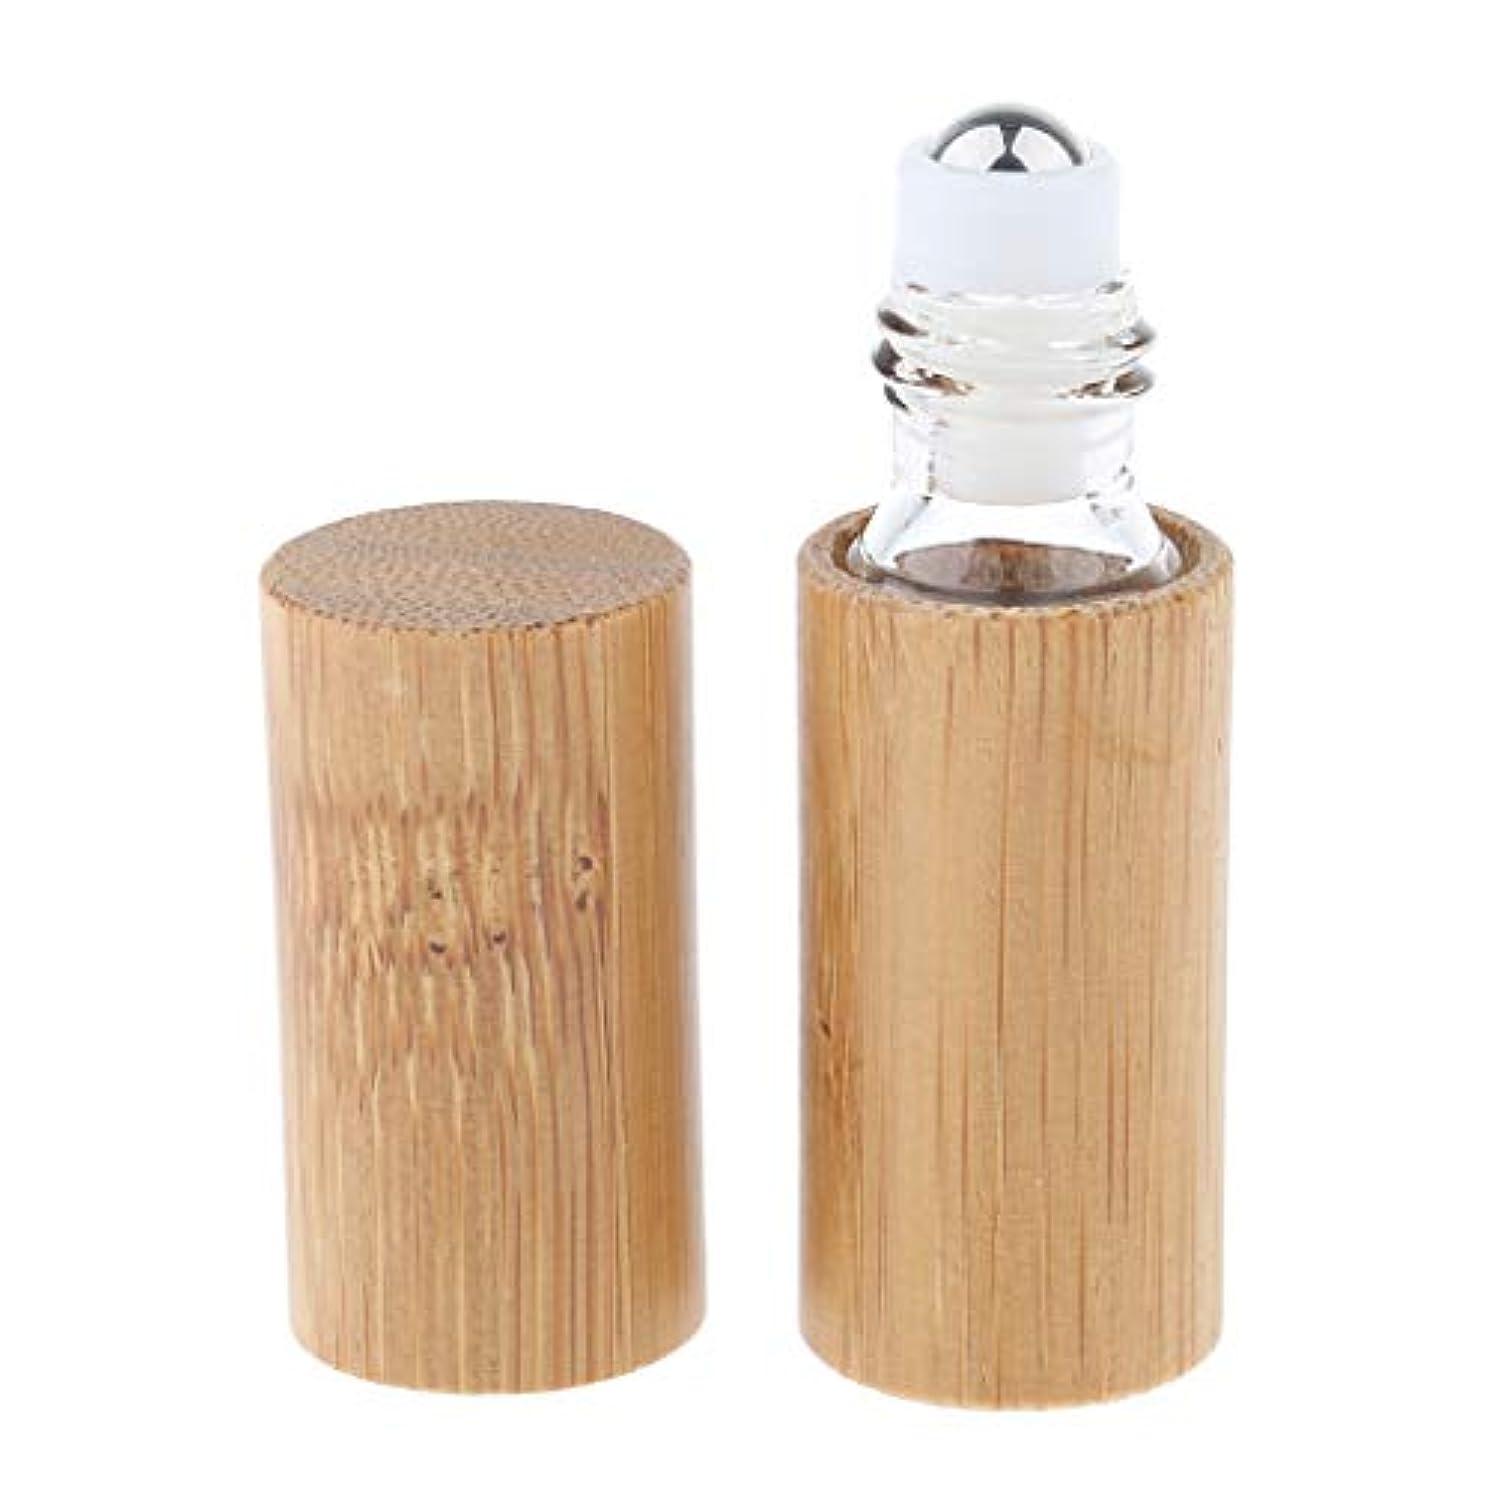 アレルギーワイヤー宿命IPOTCH アロマボトル 保存容器 天然竹 エッセンシャルオイル 香水 保存用 詰め替え ローラーボール 手作り